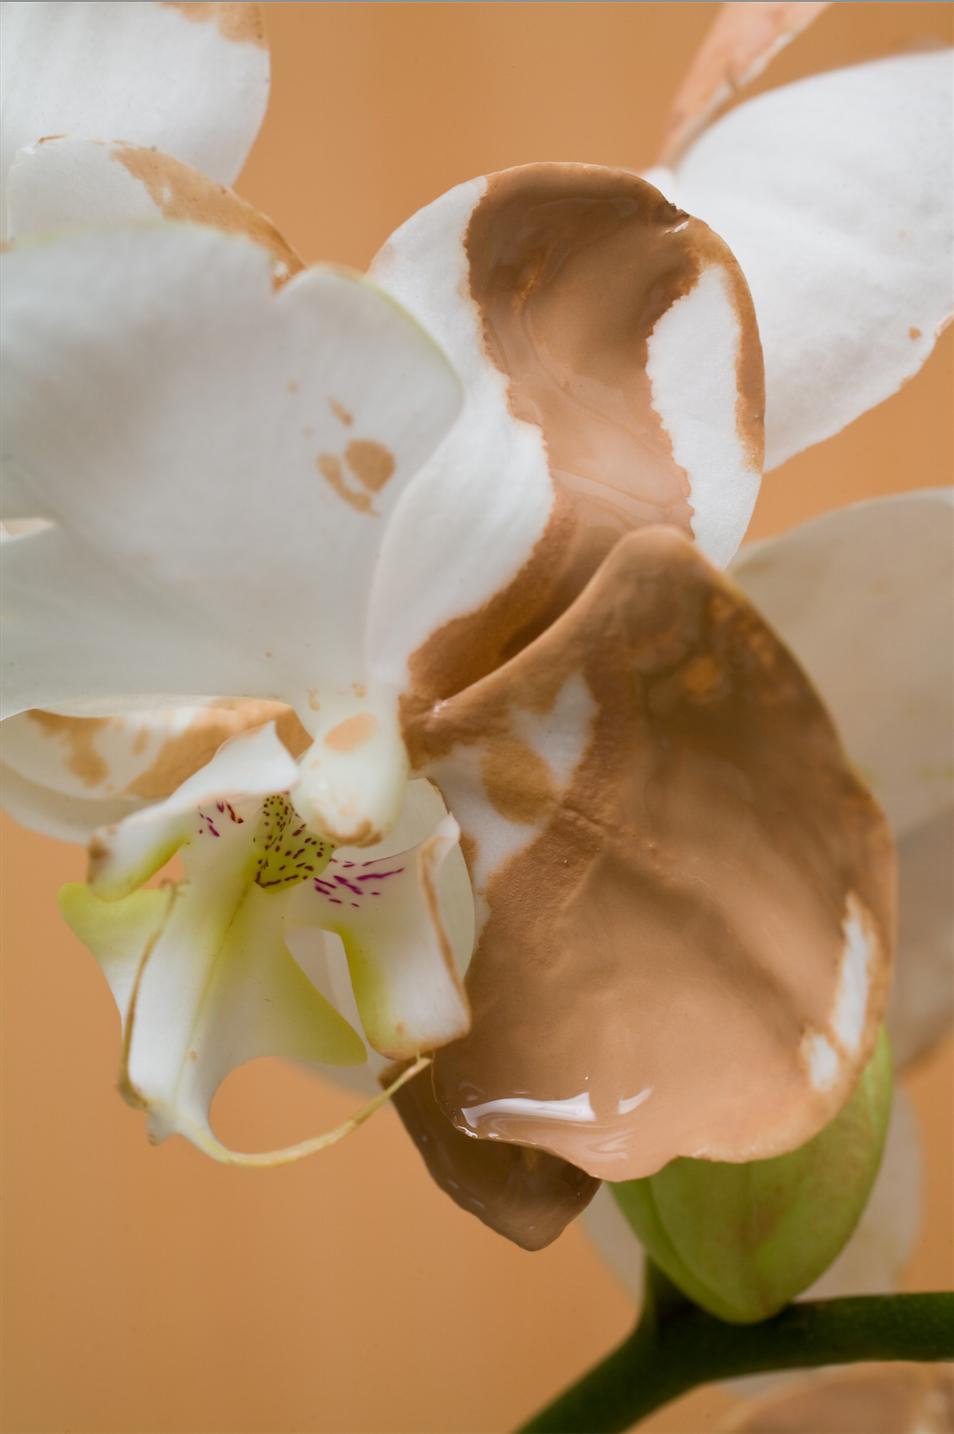 Orchidia Lust Lush. 1, 2017